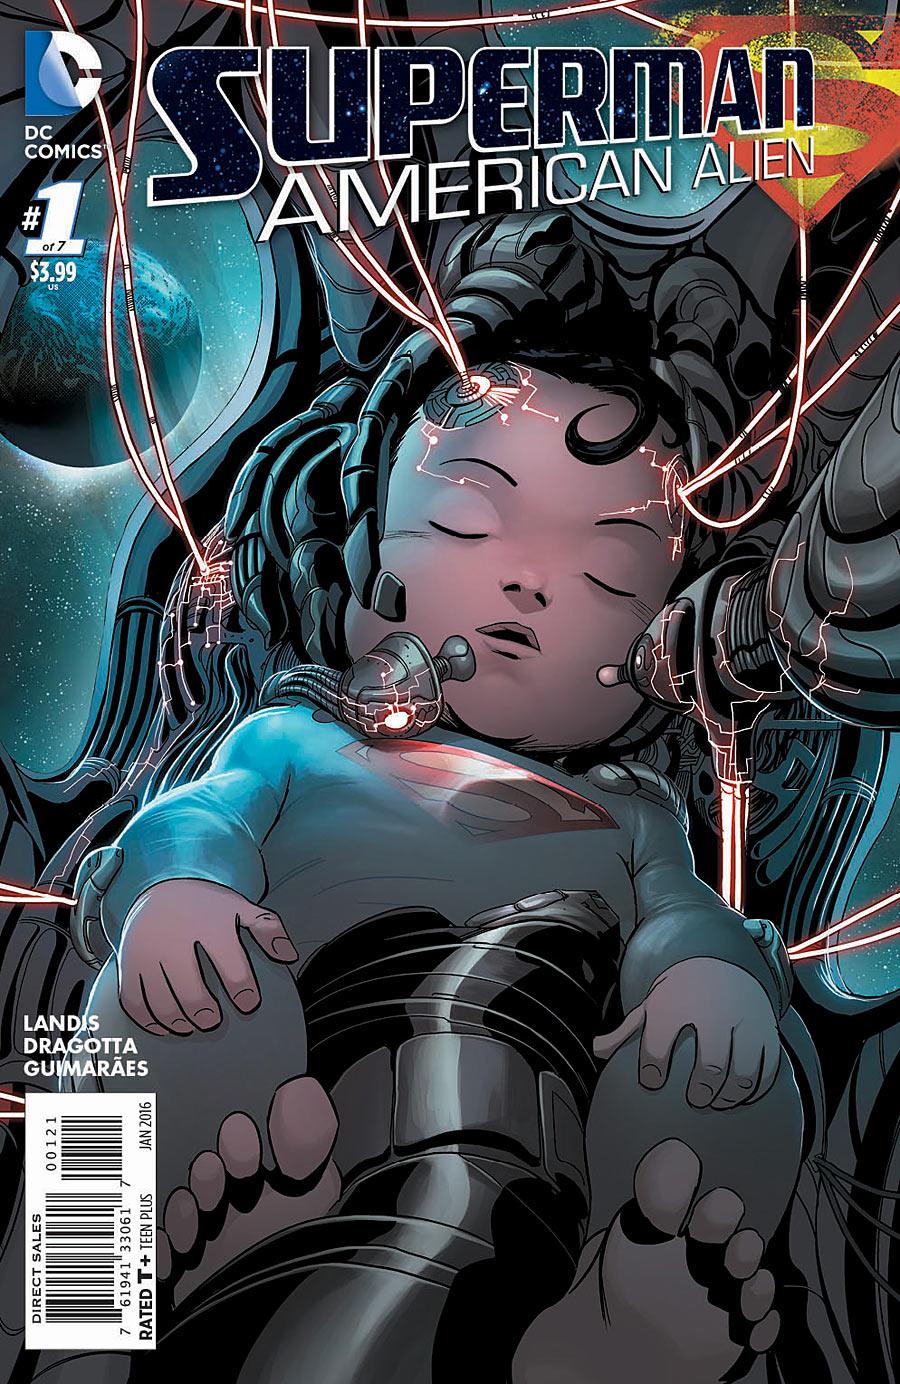 Superman American Alien Vol 1 1 Variant.jpg